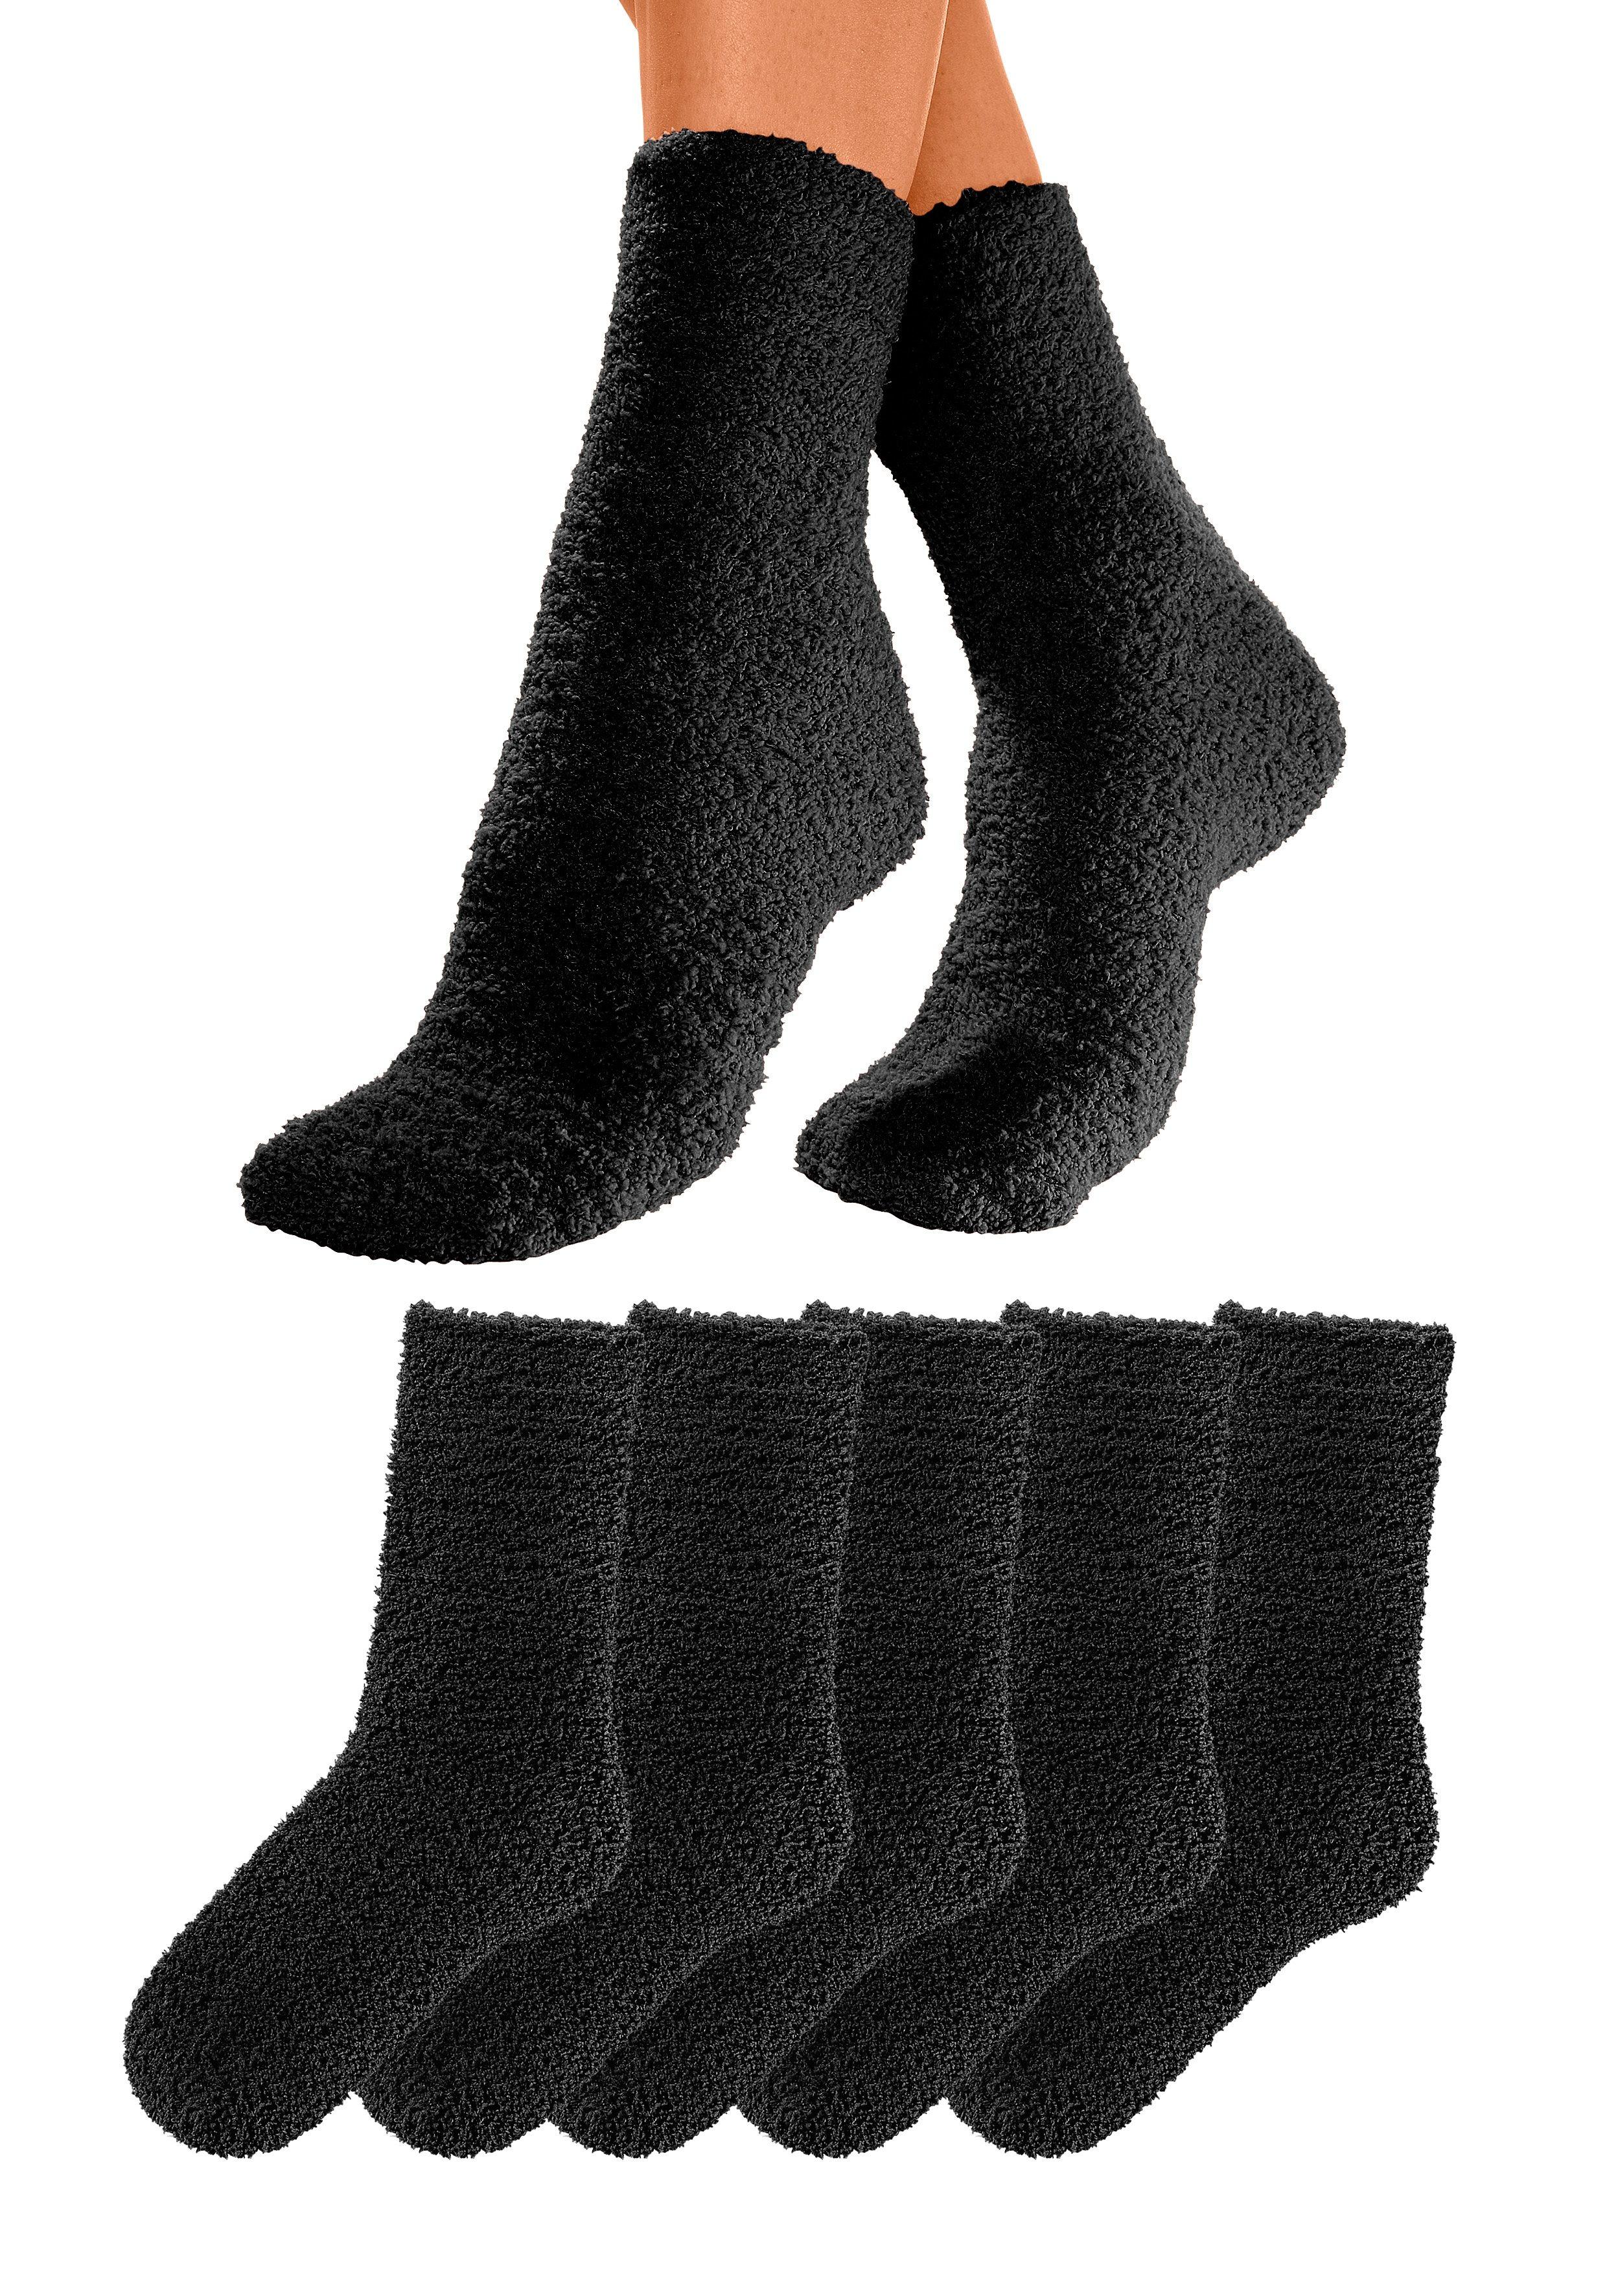 Lavana Basic Kuschelsocken (5 Paar) ideal als Hausschuhersatz